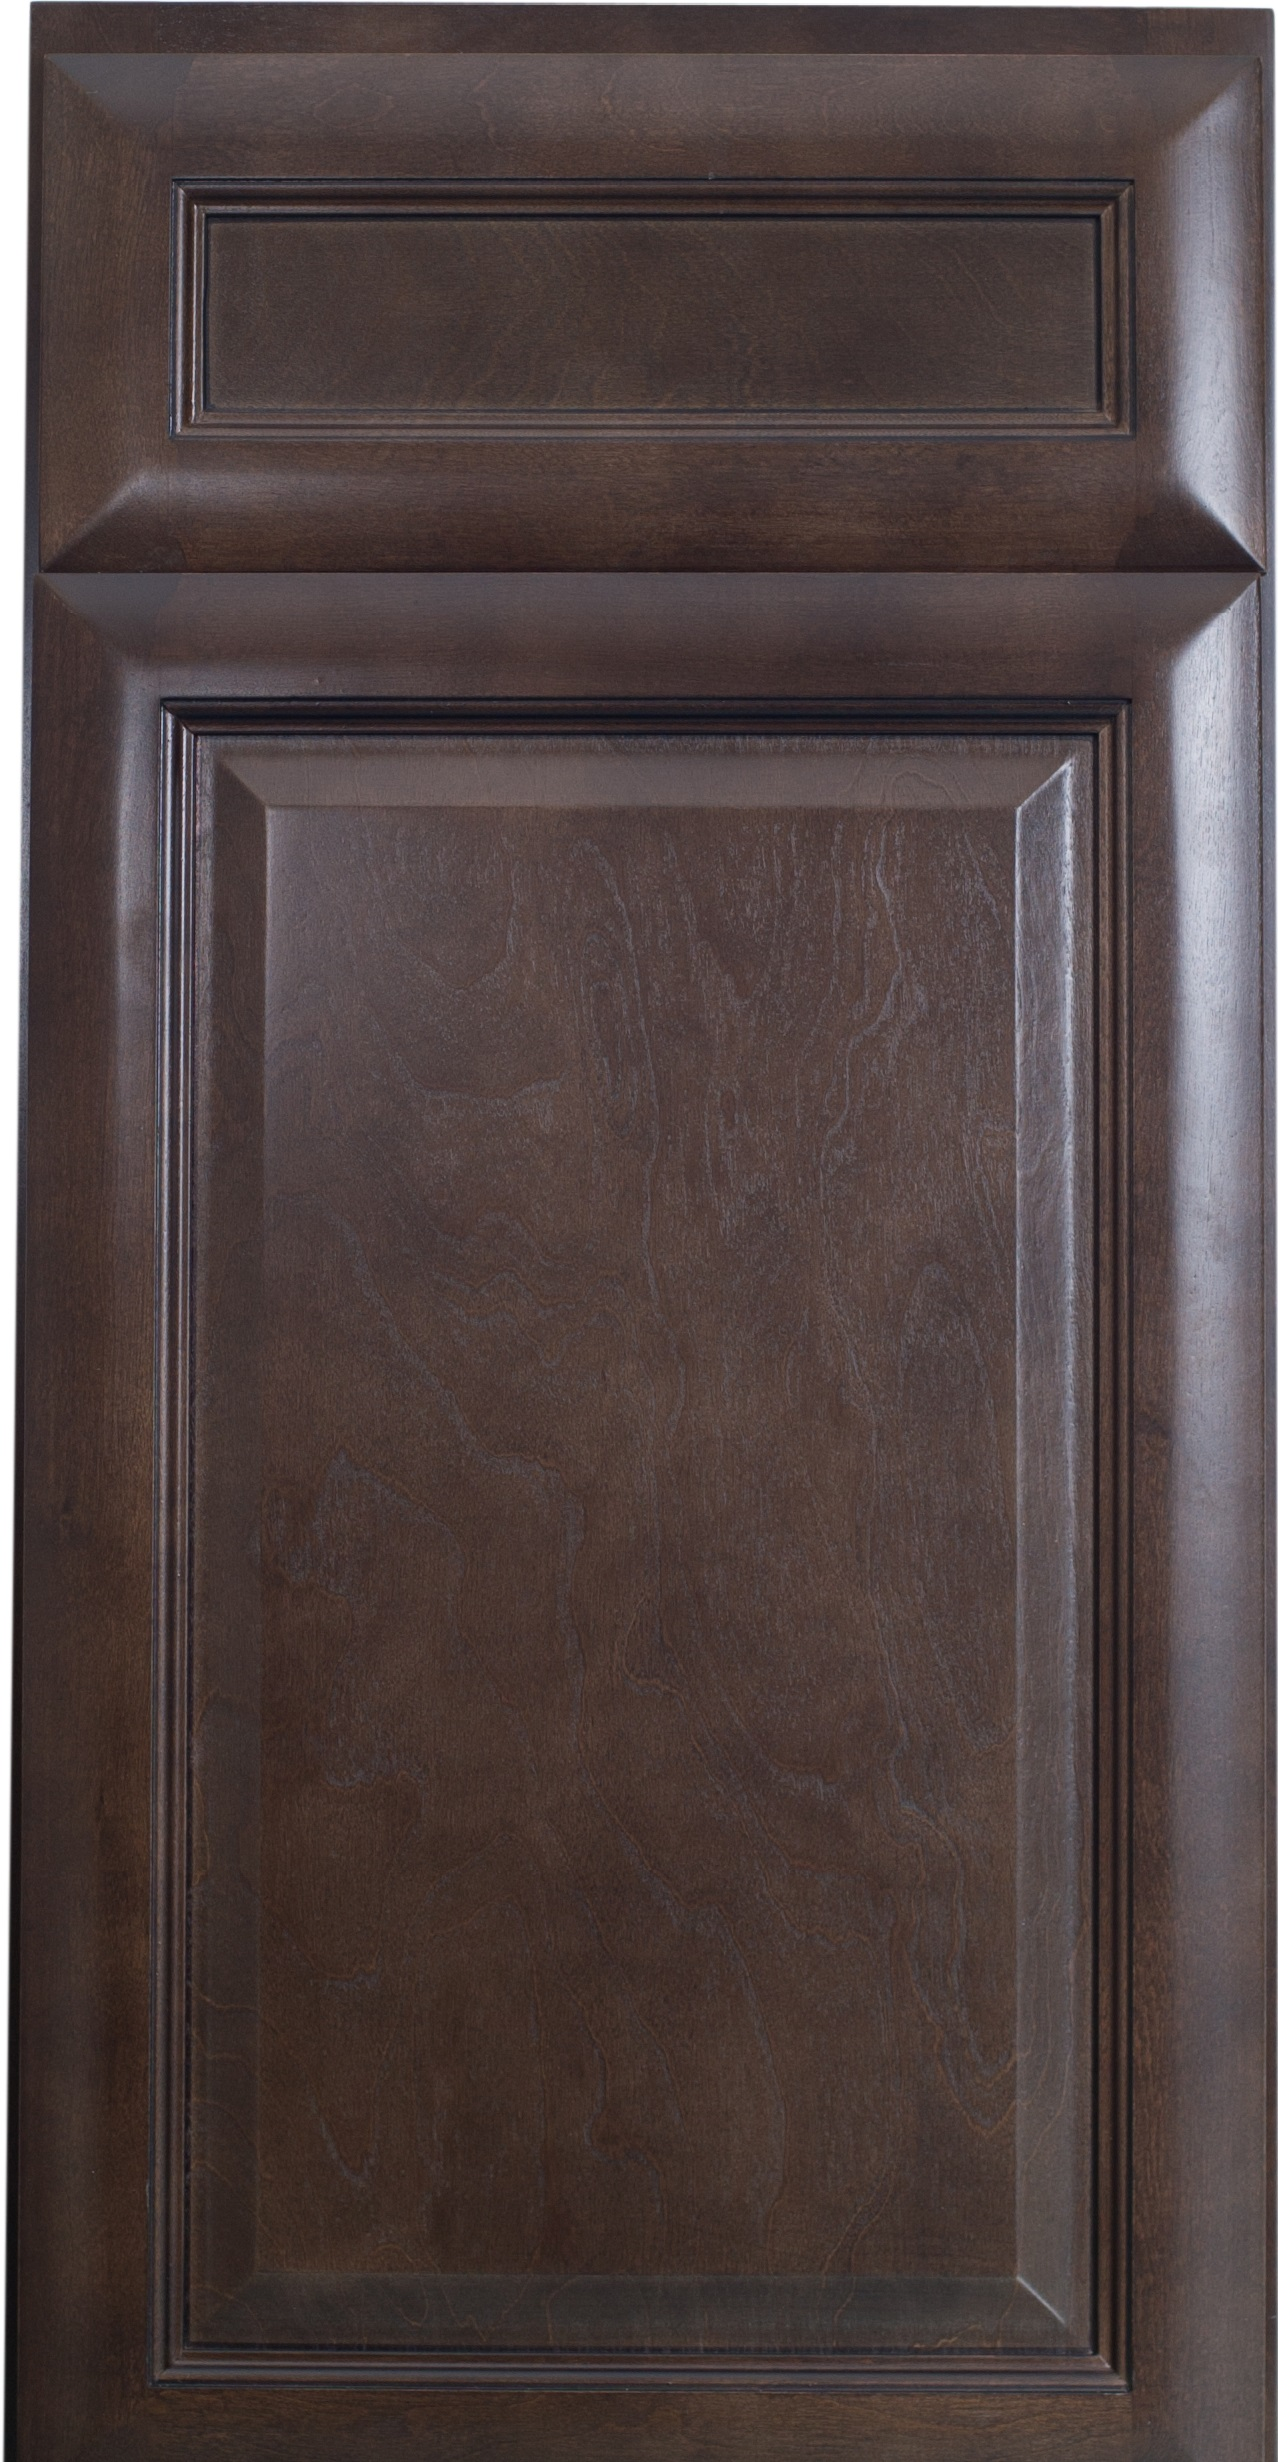 Online Sales Doors Variations